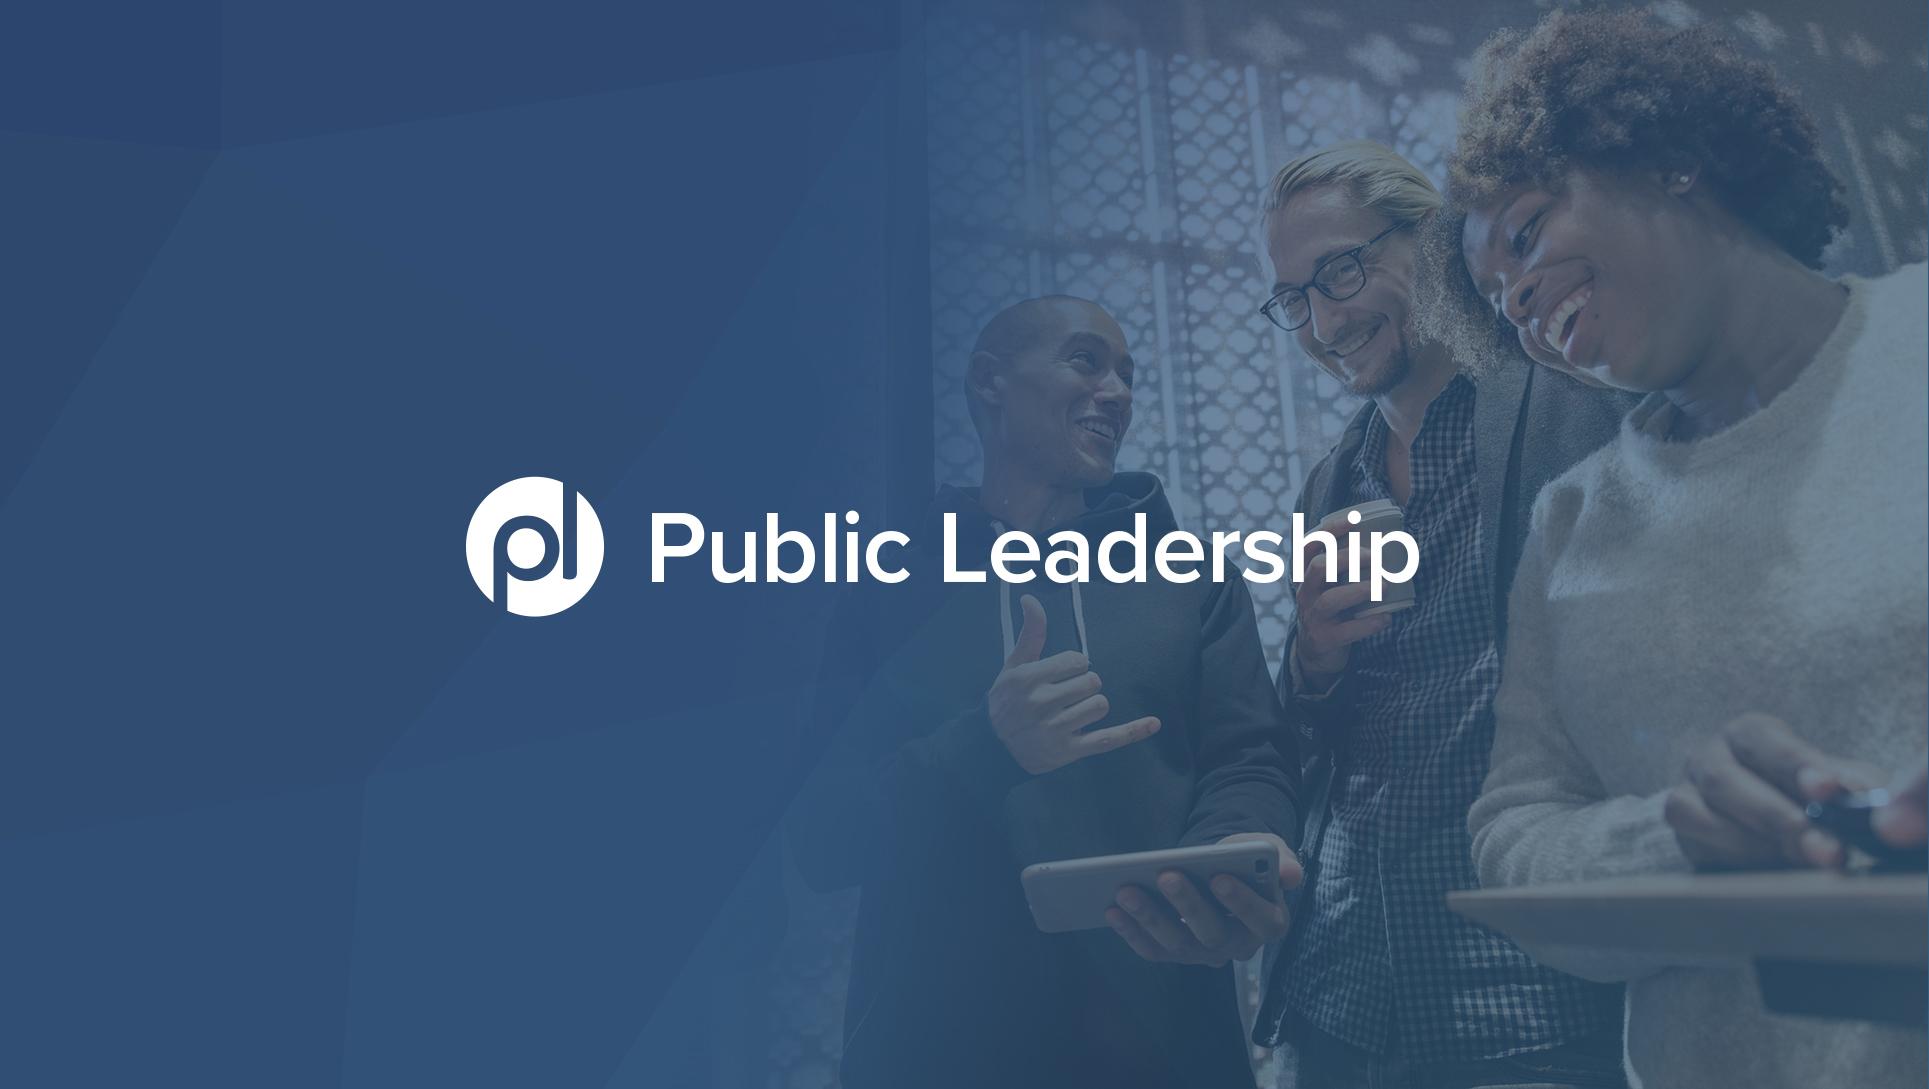 Public Leadership header